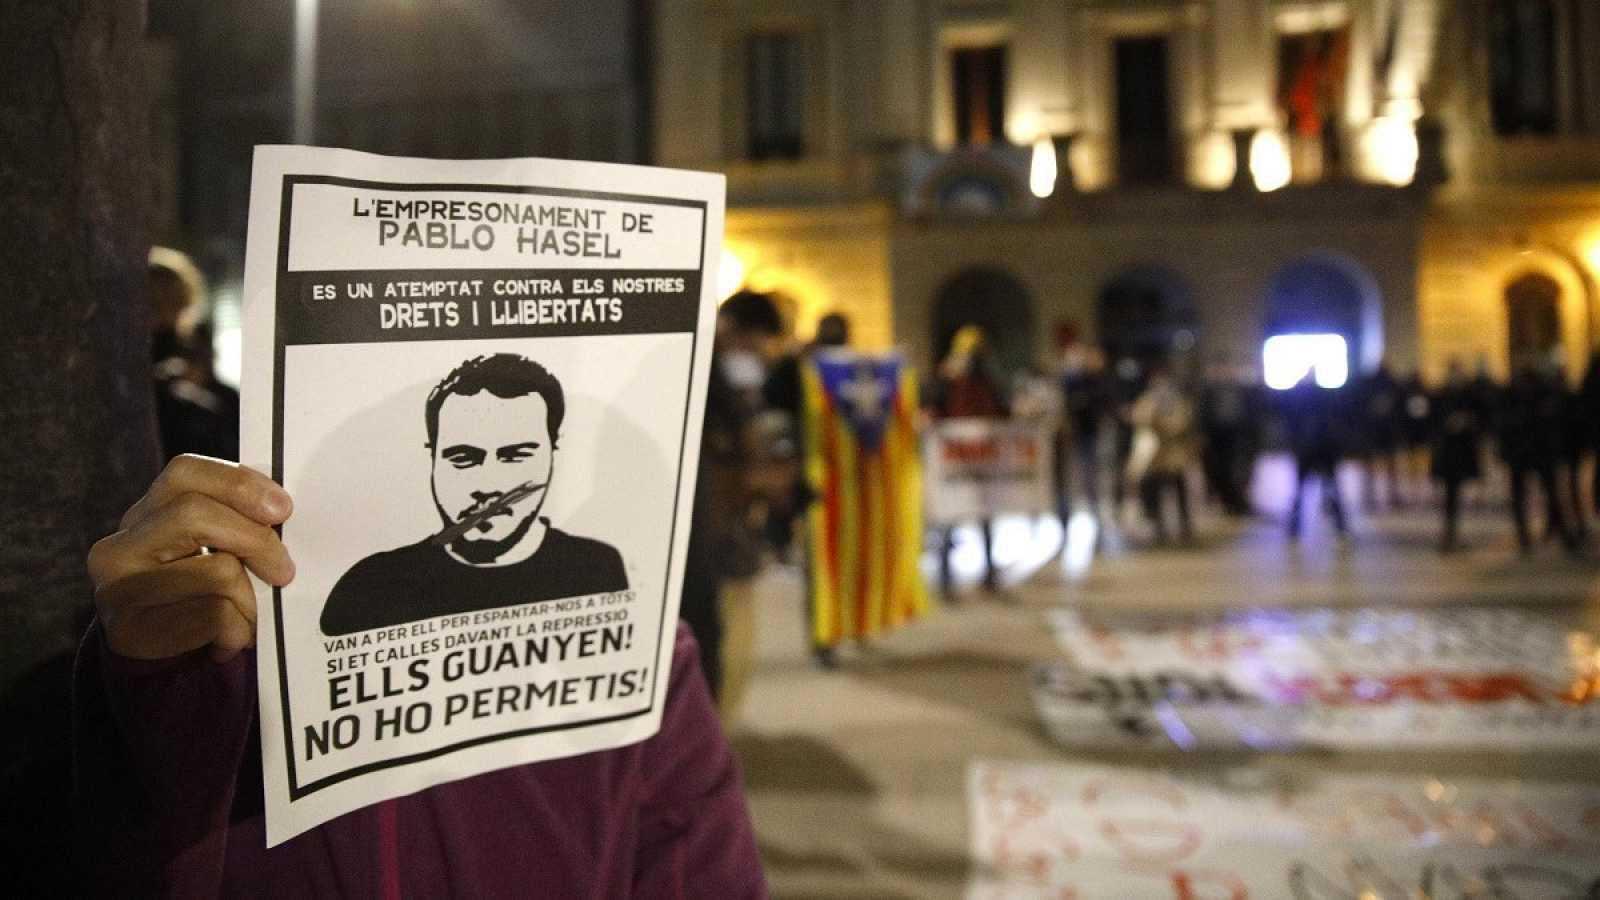 Després del col·lapse - Grans protestes i l¿empresonament de Pablo Hasél - 16/03/21 - escoltar ara -